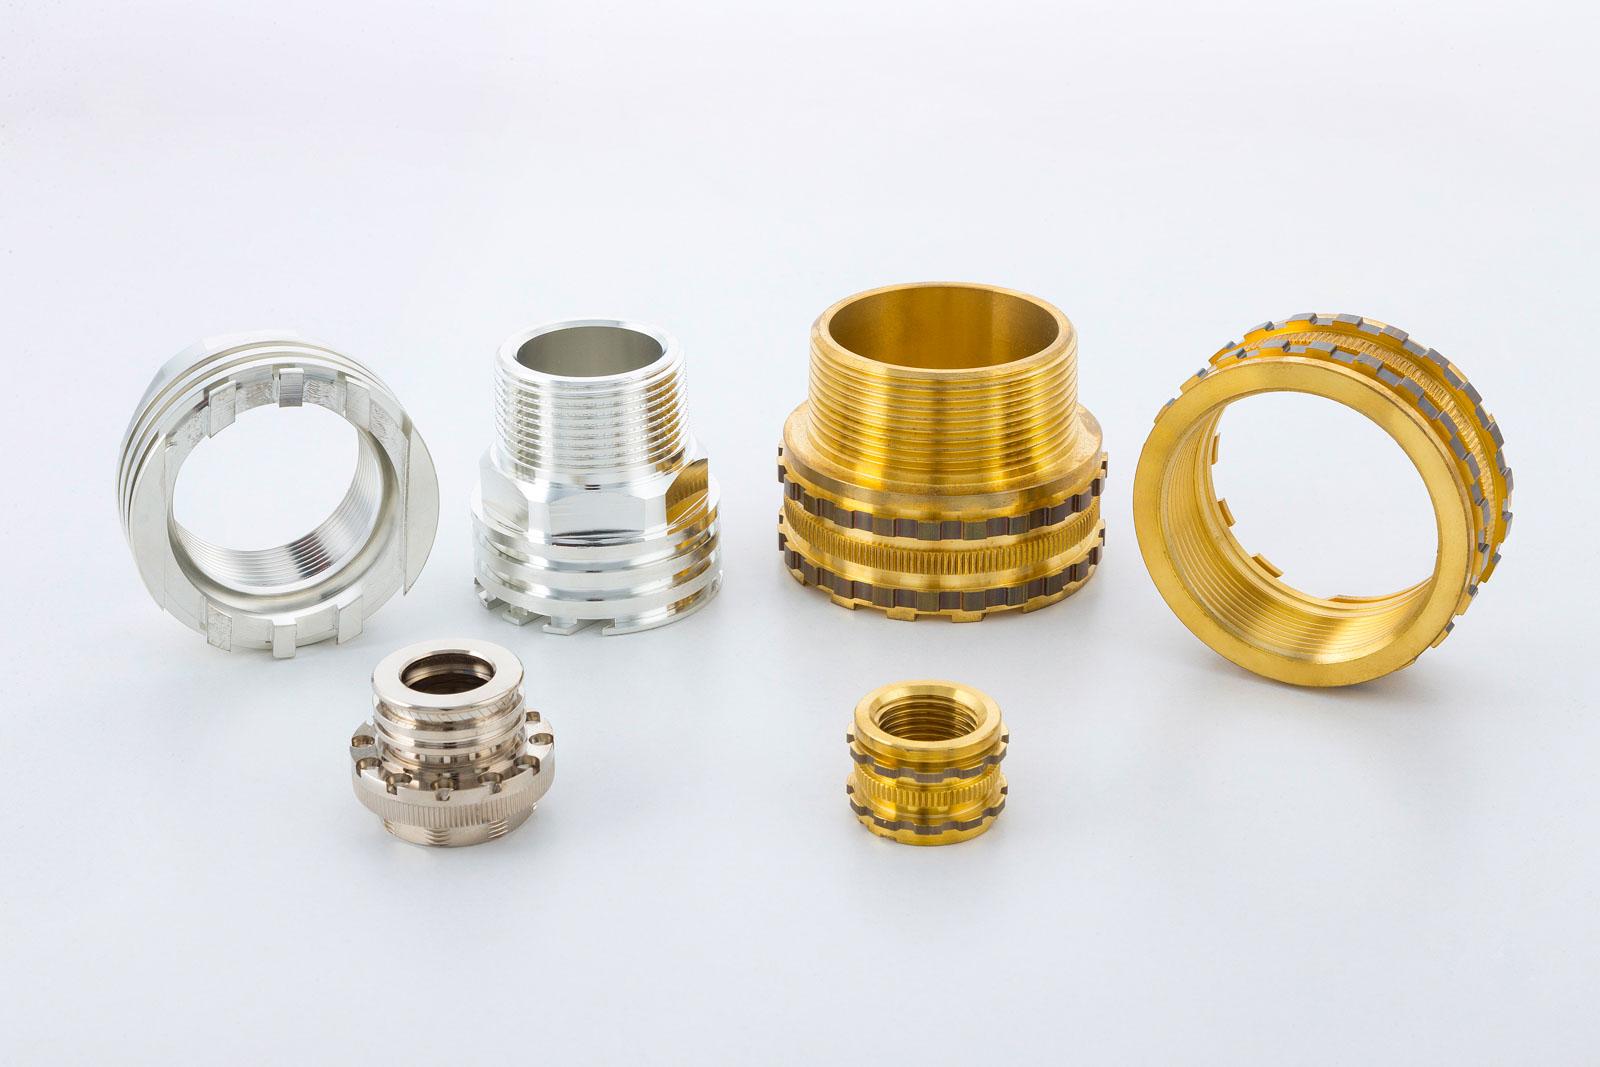 Einspritzteile produziert durch METUSAN TURNING GmbH